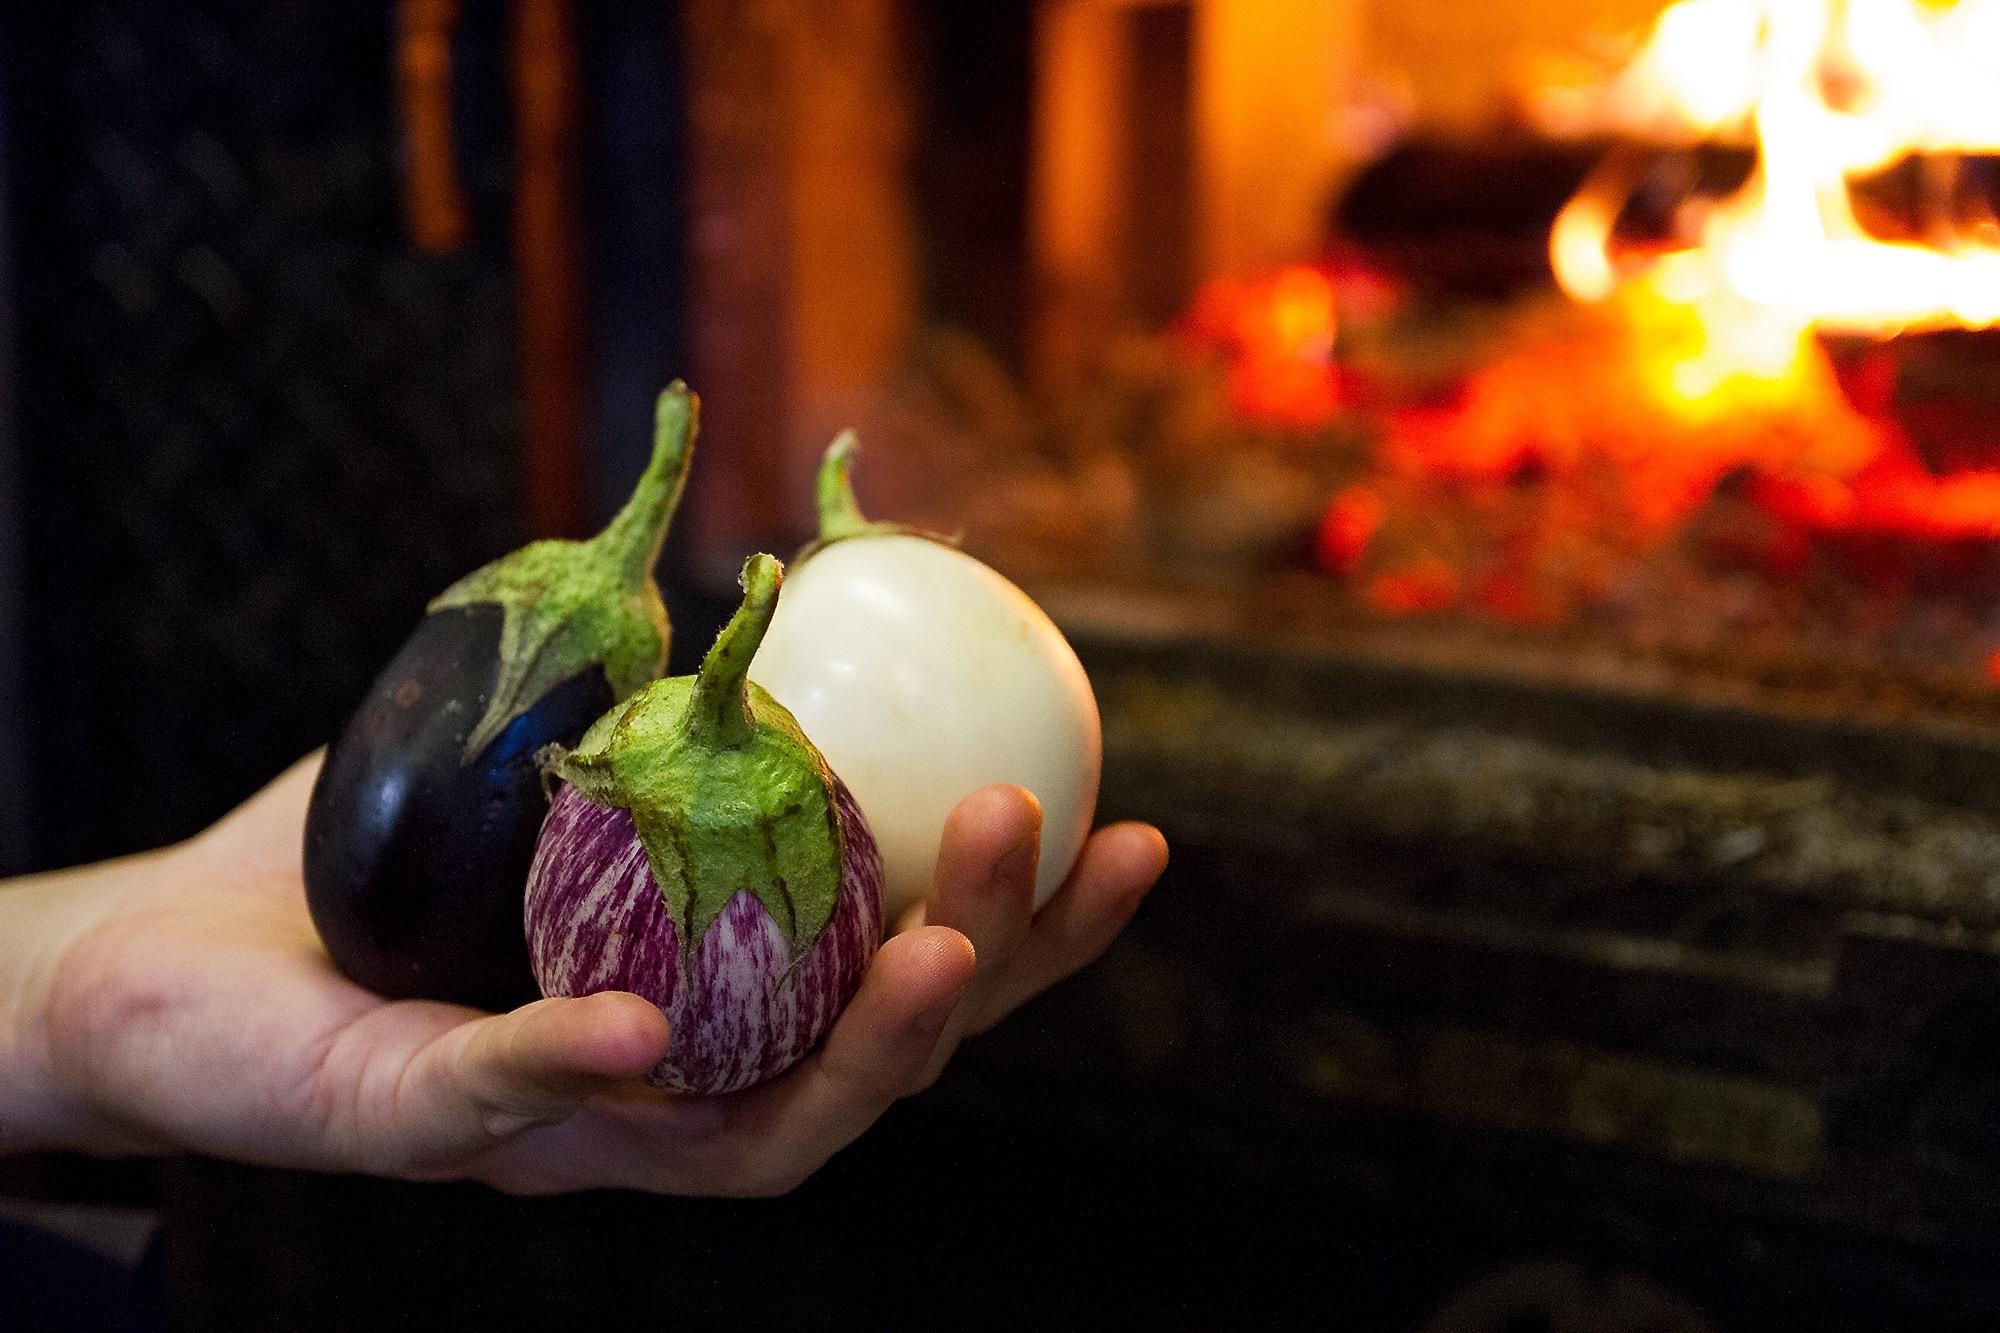 2000 Moruno - 3 Eggplants